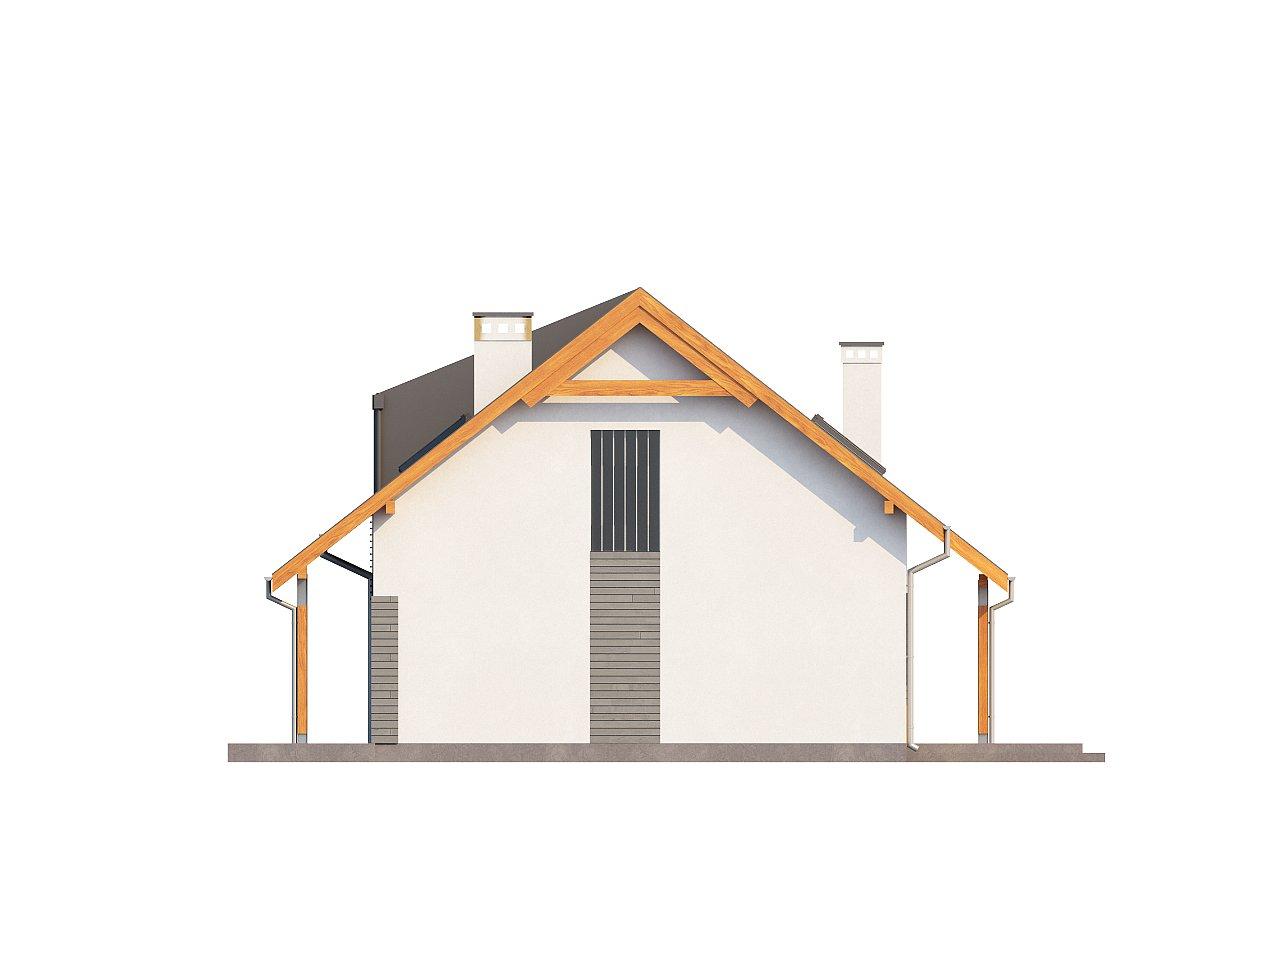 Проект небольшого практичного дома, выгодного в строительстве и эксплуатации. - фото 6